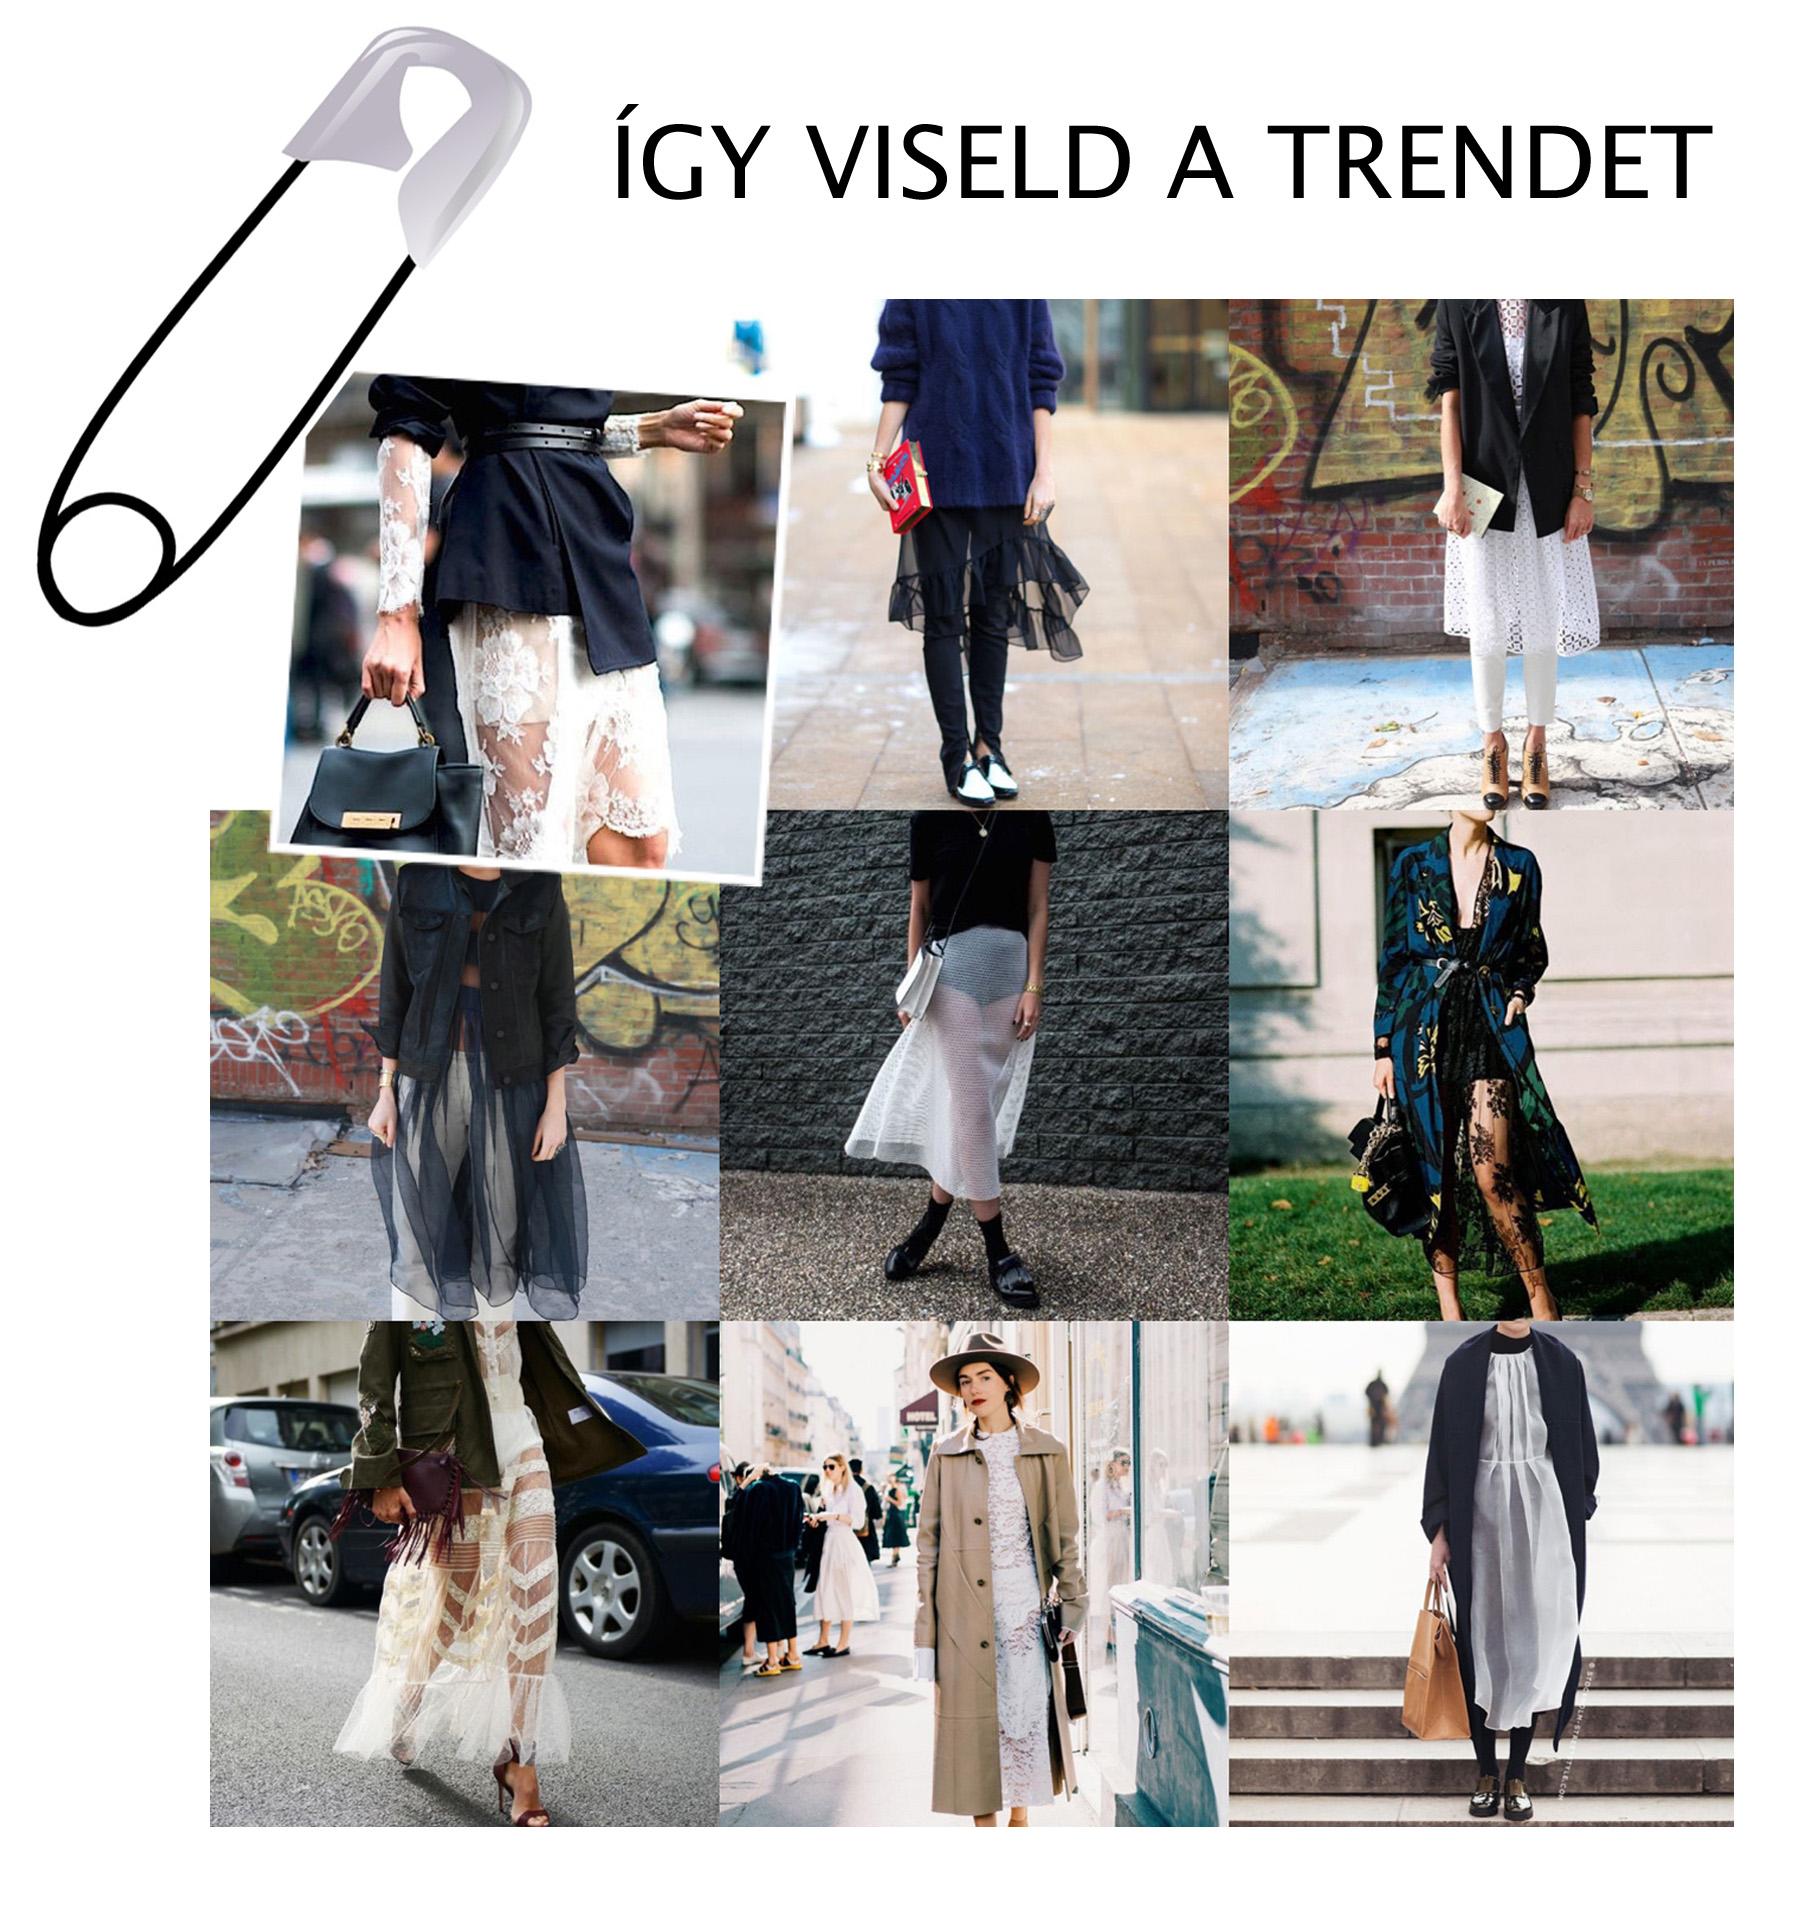 ÍGY VISELD A TRENDET csipke ruha1